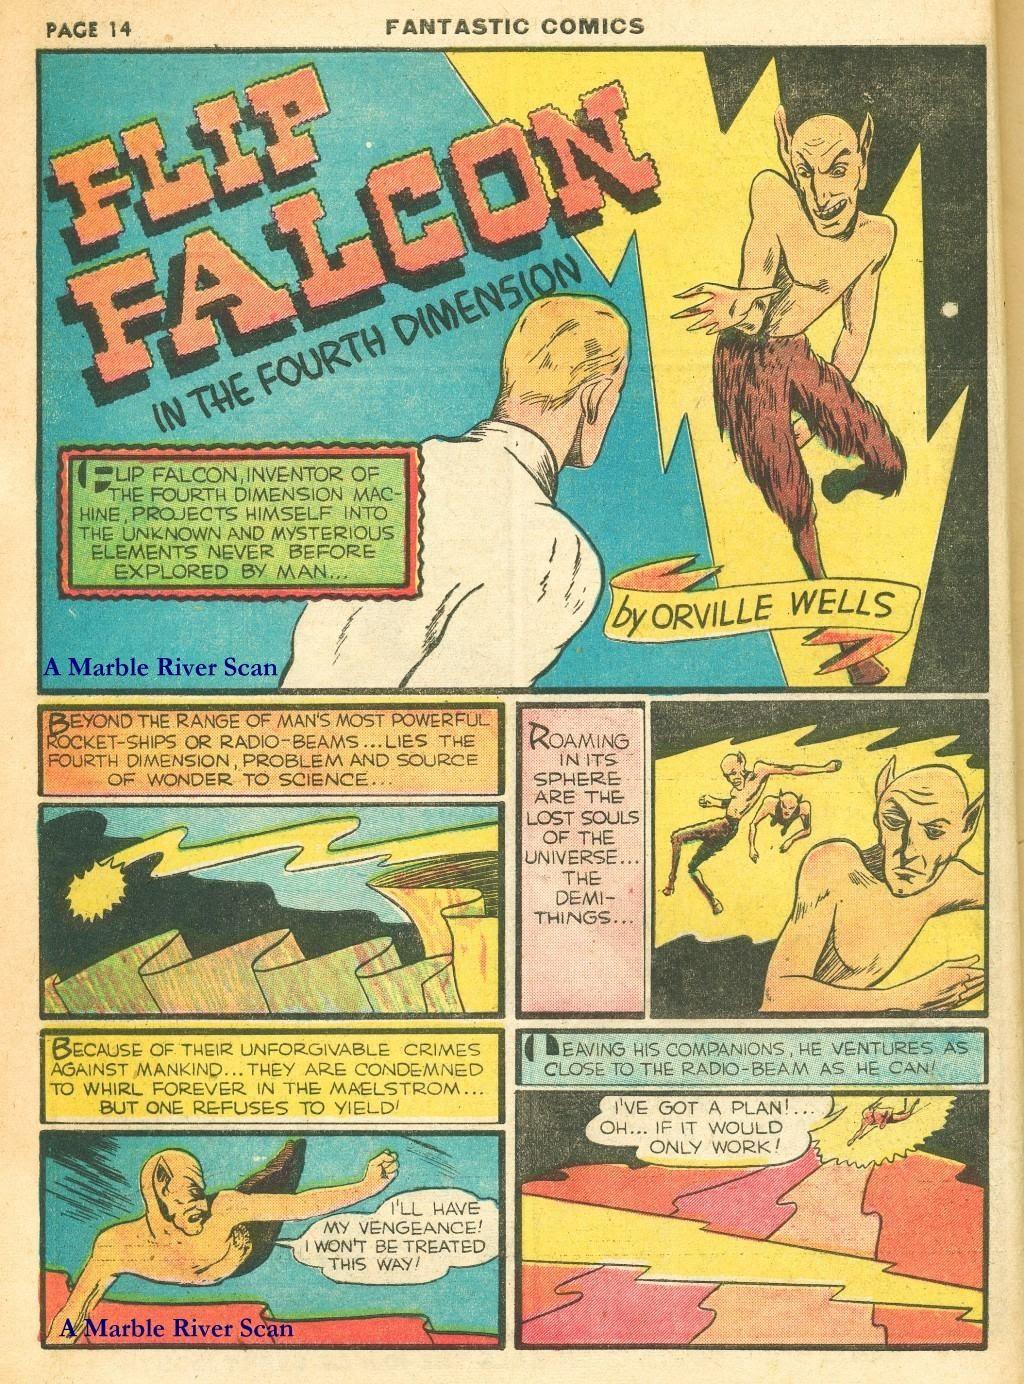 Read online Fantastic Comics comic -  Issue #12 - 16